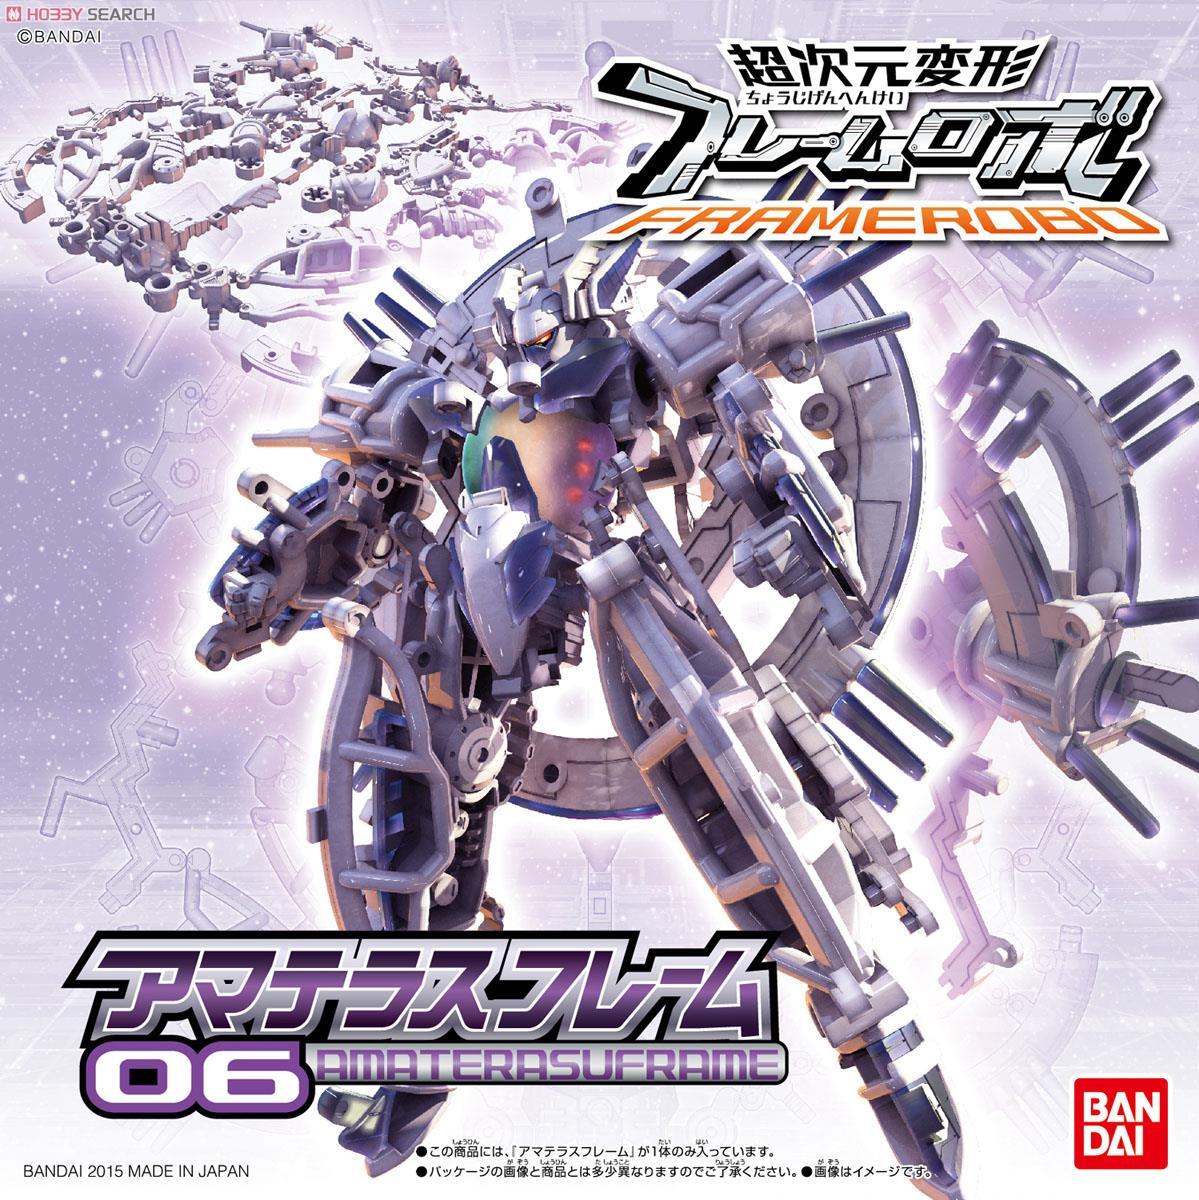 ◆時光殺手玩具館◆ 現貨 組裝模型 模型 BANDAI 超次元變形 骨架機器人 天照戰士 06